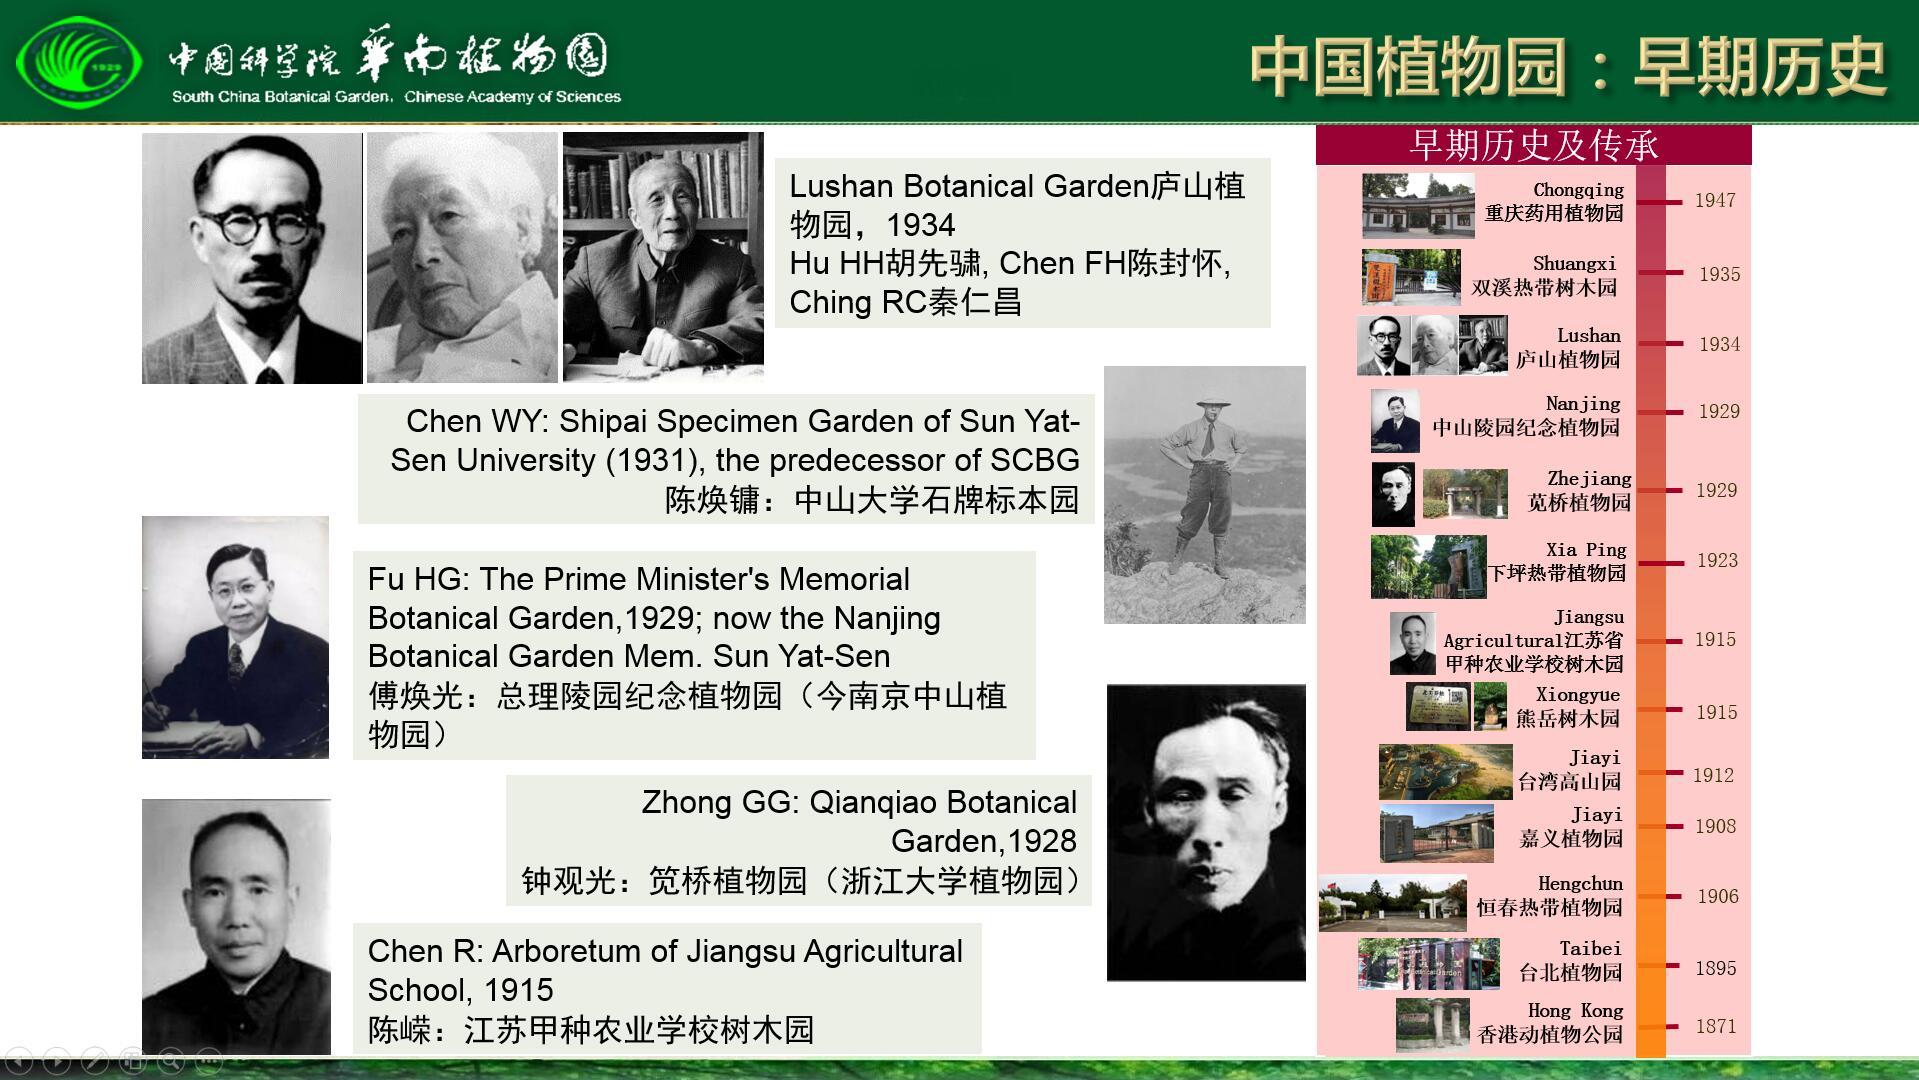 图2 中国植物园早期历史.jpg